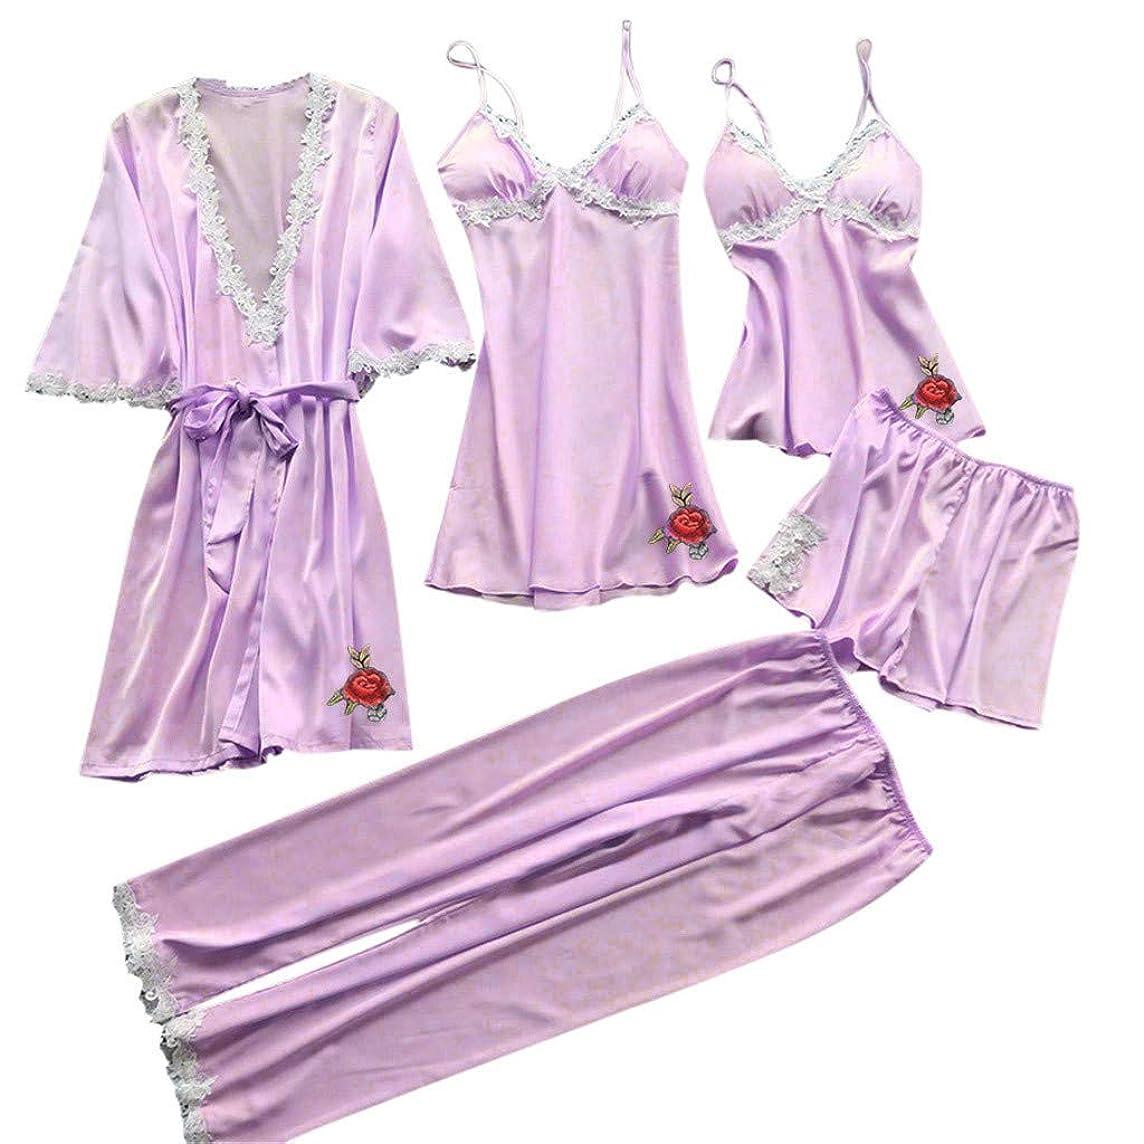 Fashion 5 Pcs Pajama Set for Women Satin Kimono Bathrobe Camisole Set for Mom Gift,Wedding Party Loungewear Nmch